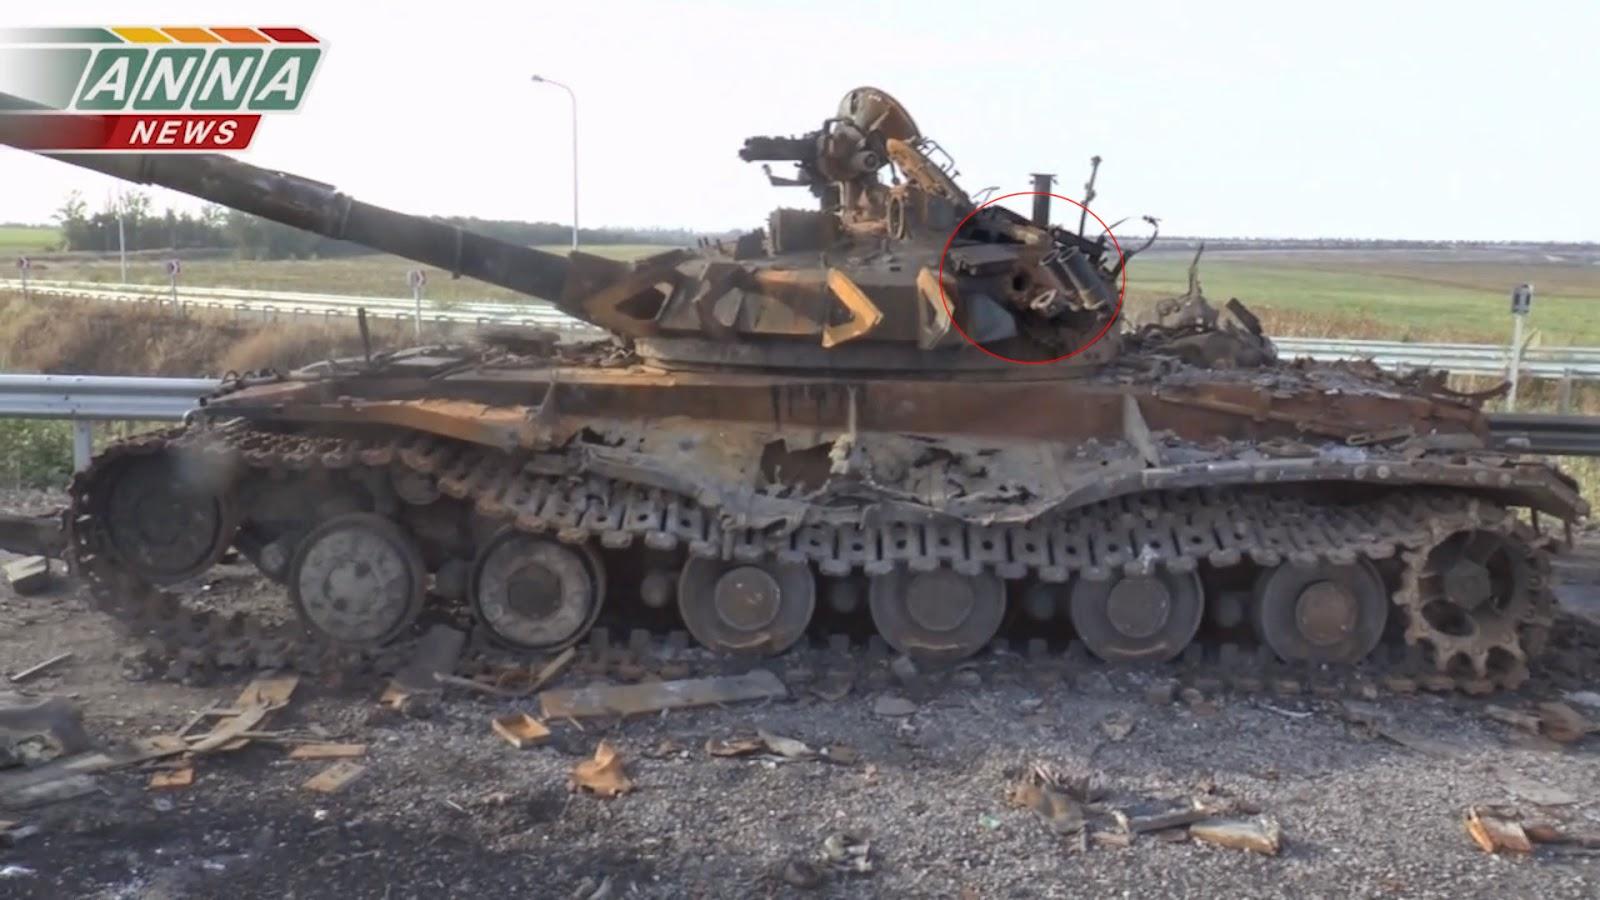 Sobre los T-64 y su desempeño en Ucrania 264498_original